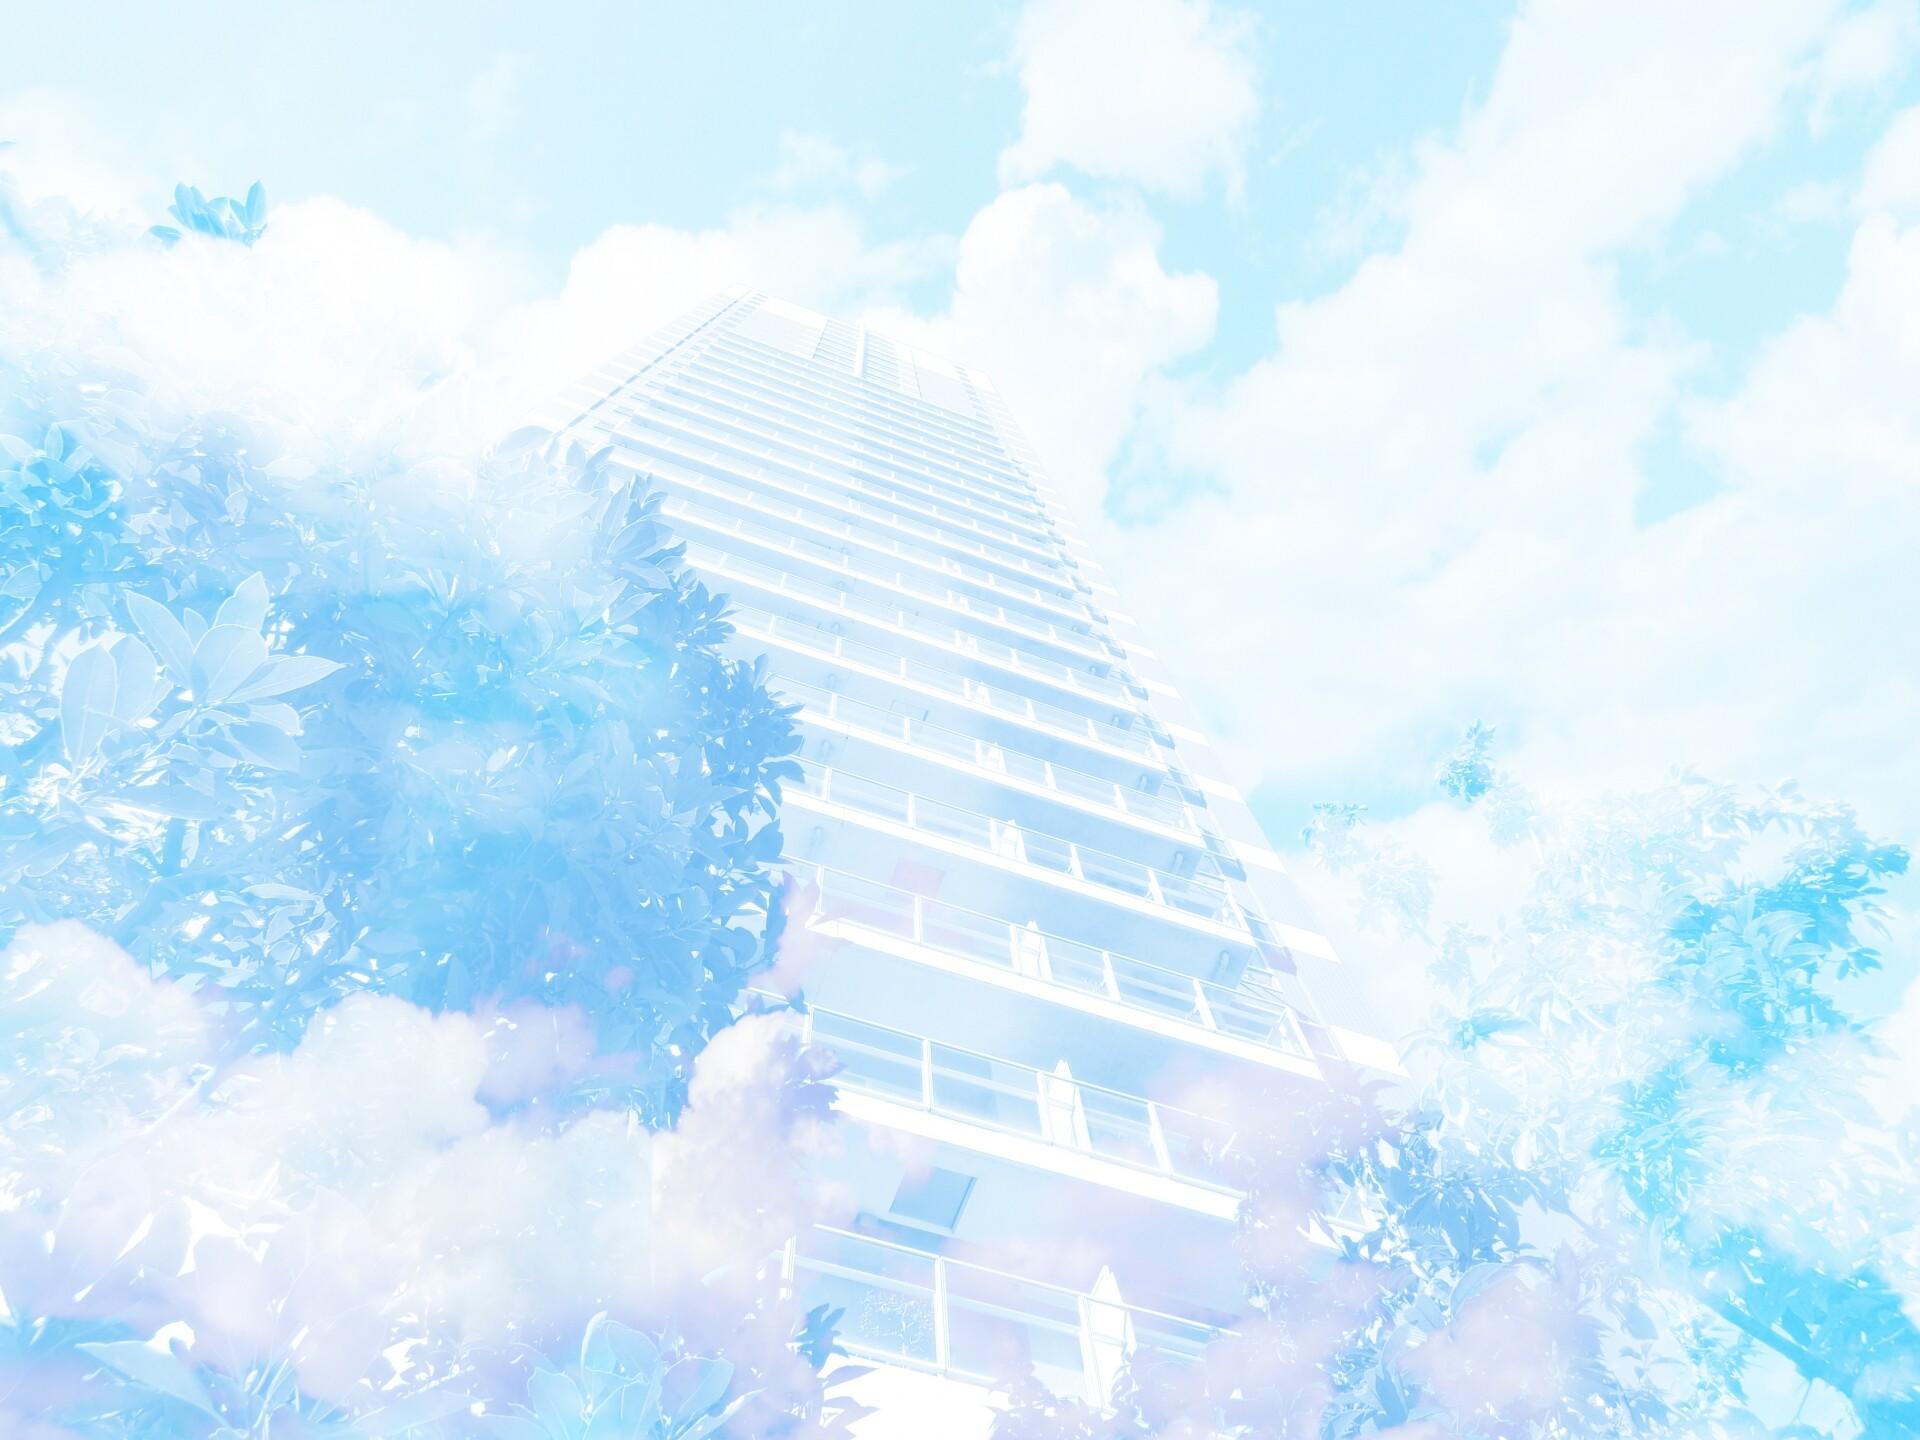 杉並区のポスティング不可である高級マンション・高層タワーマンションにもチラシ広告をお届けします